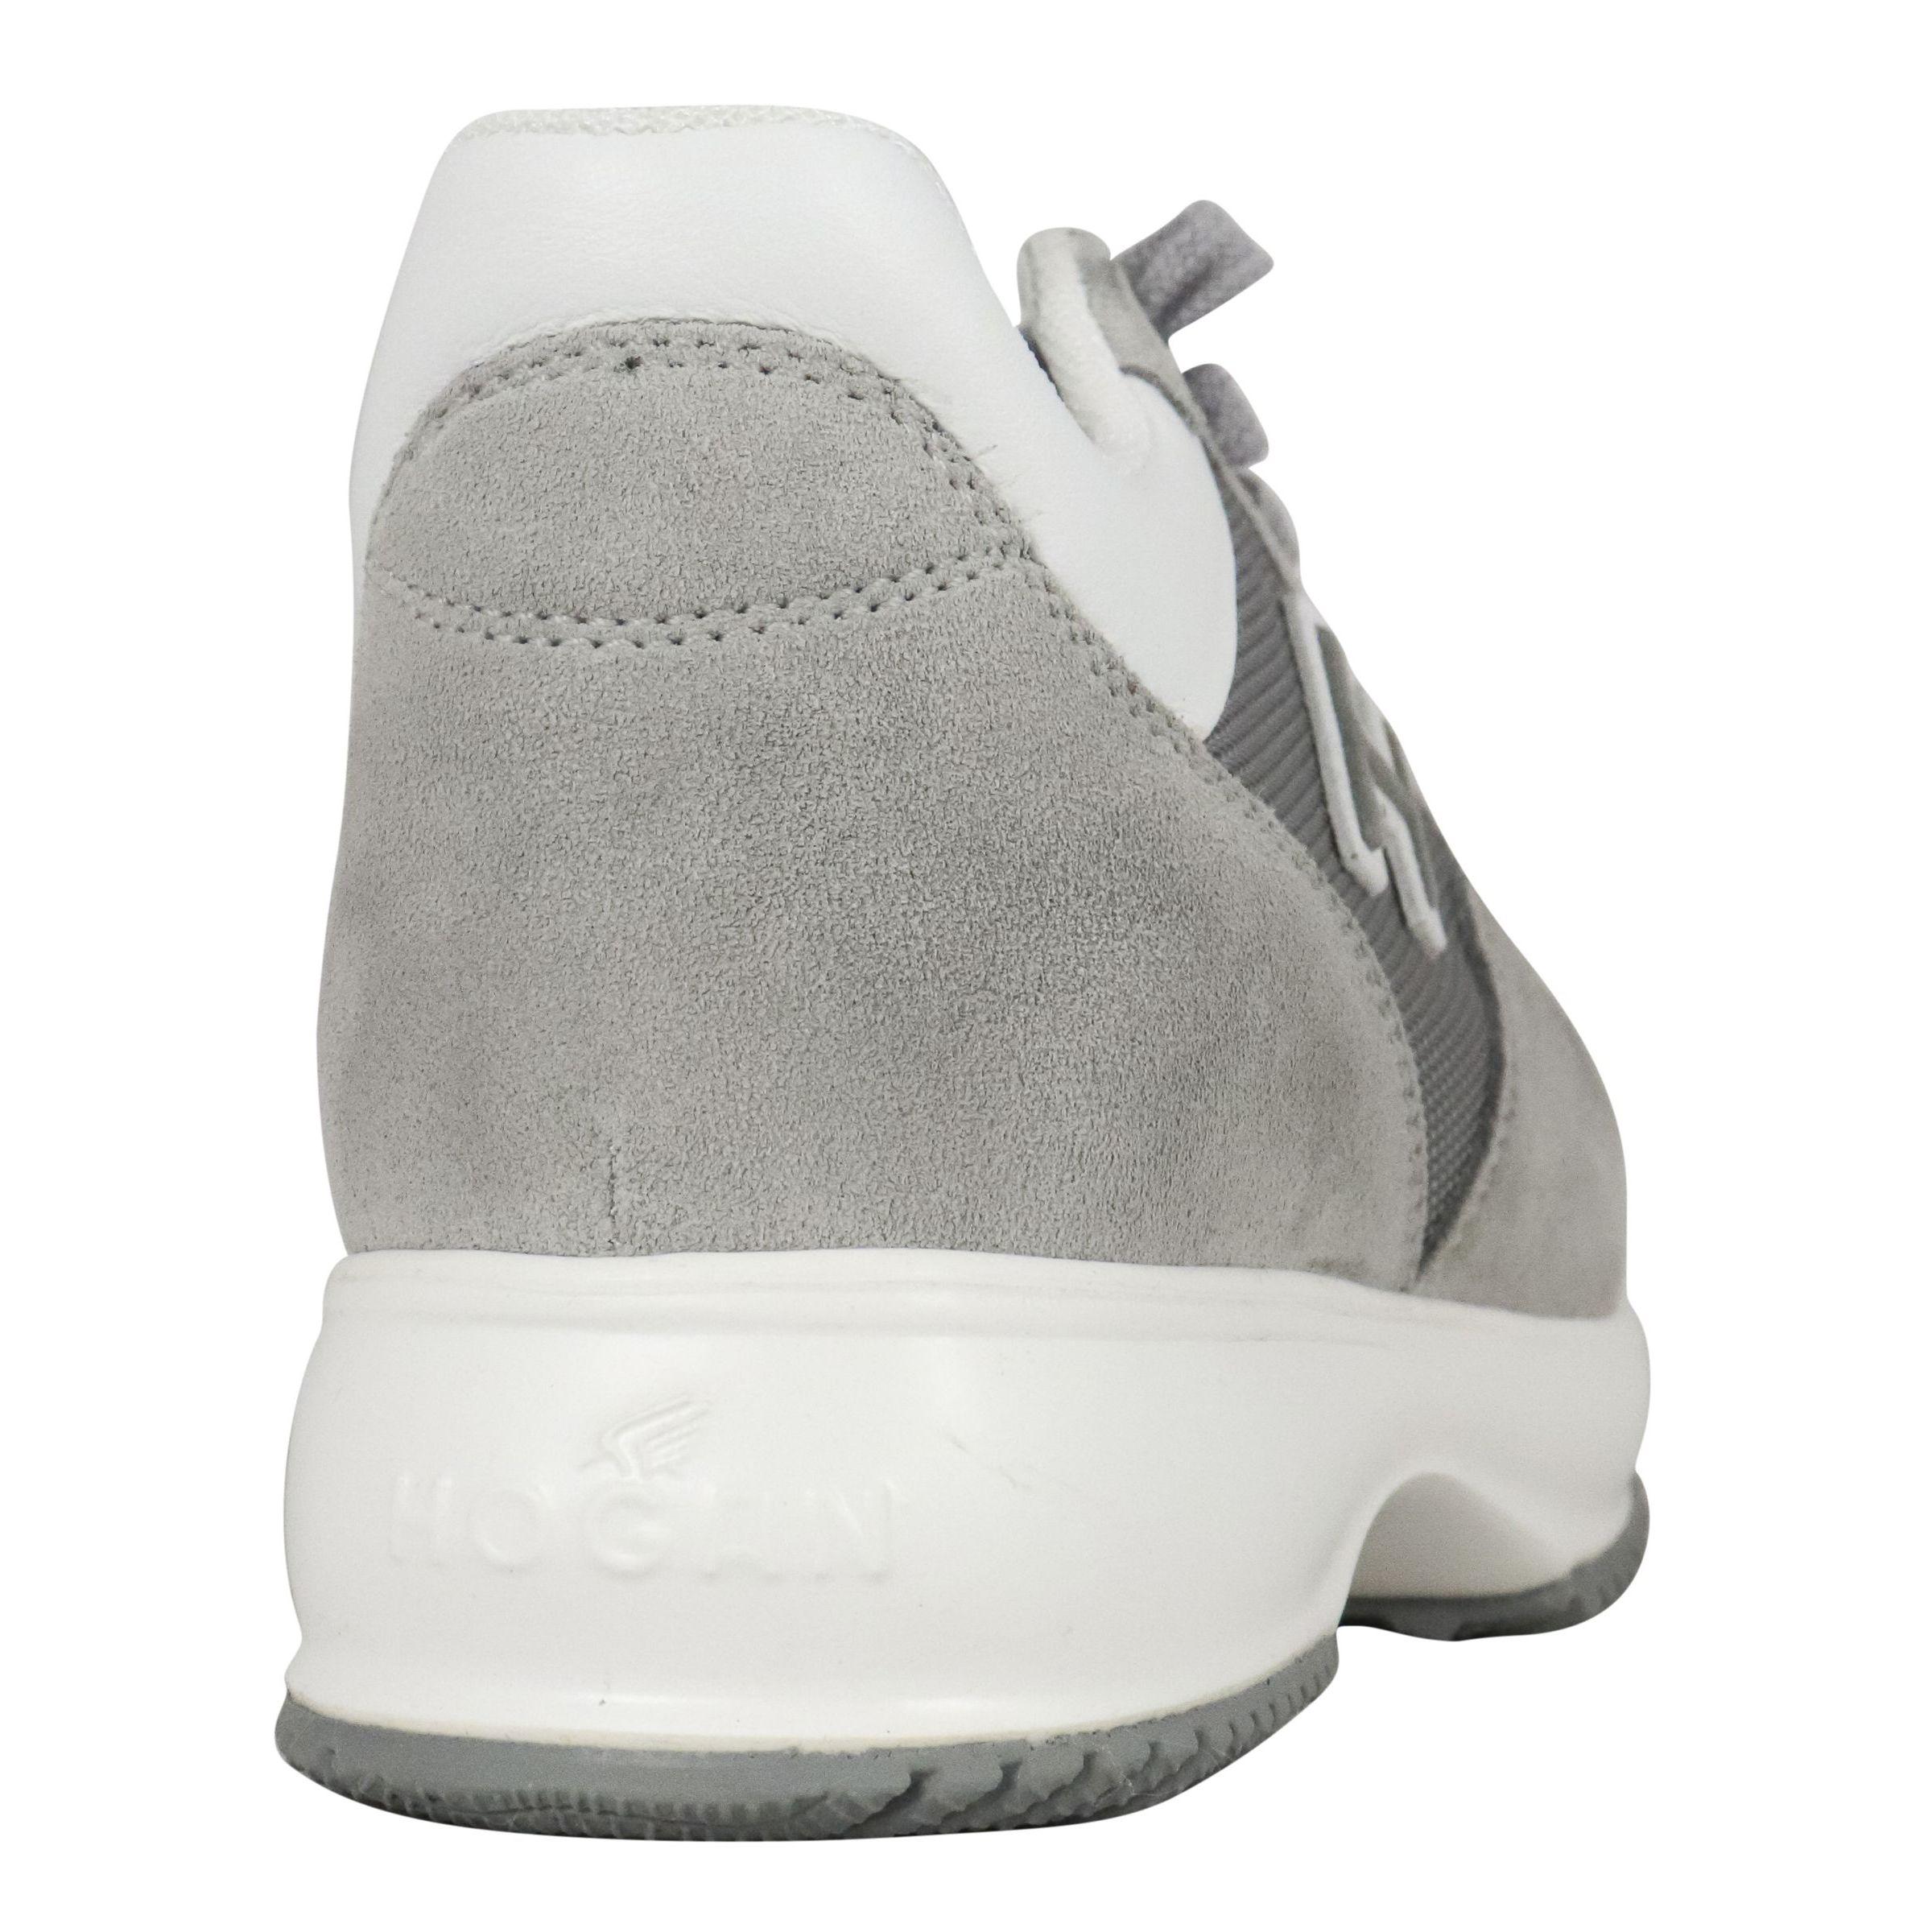 Sneakers Hogan New Interactive bimateriale Grigio chiaro ...